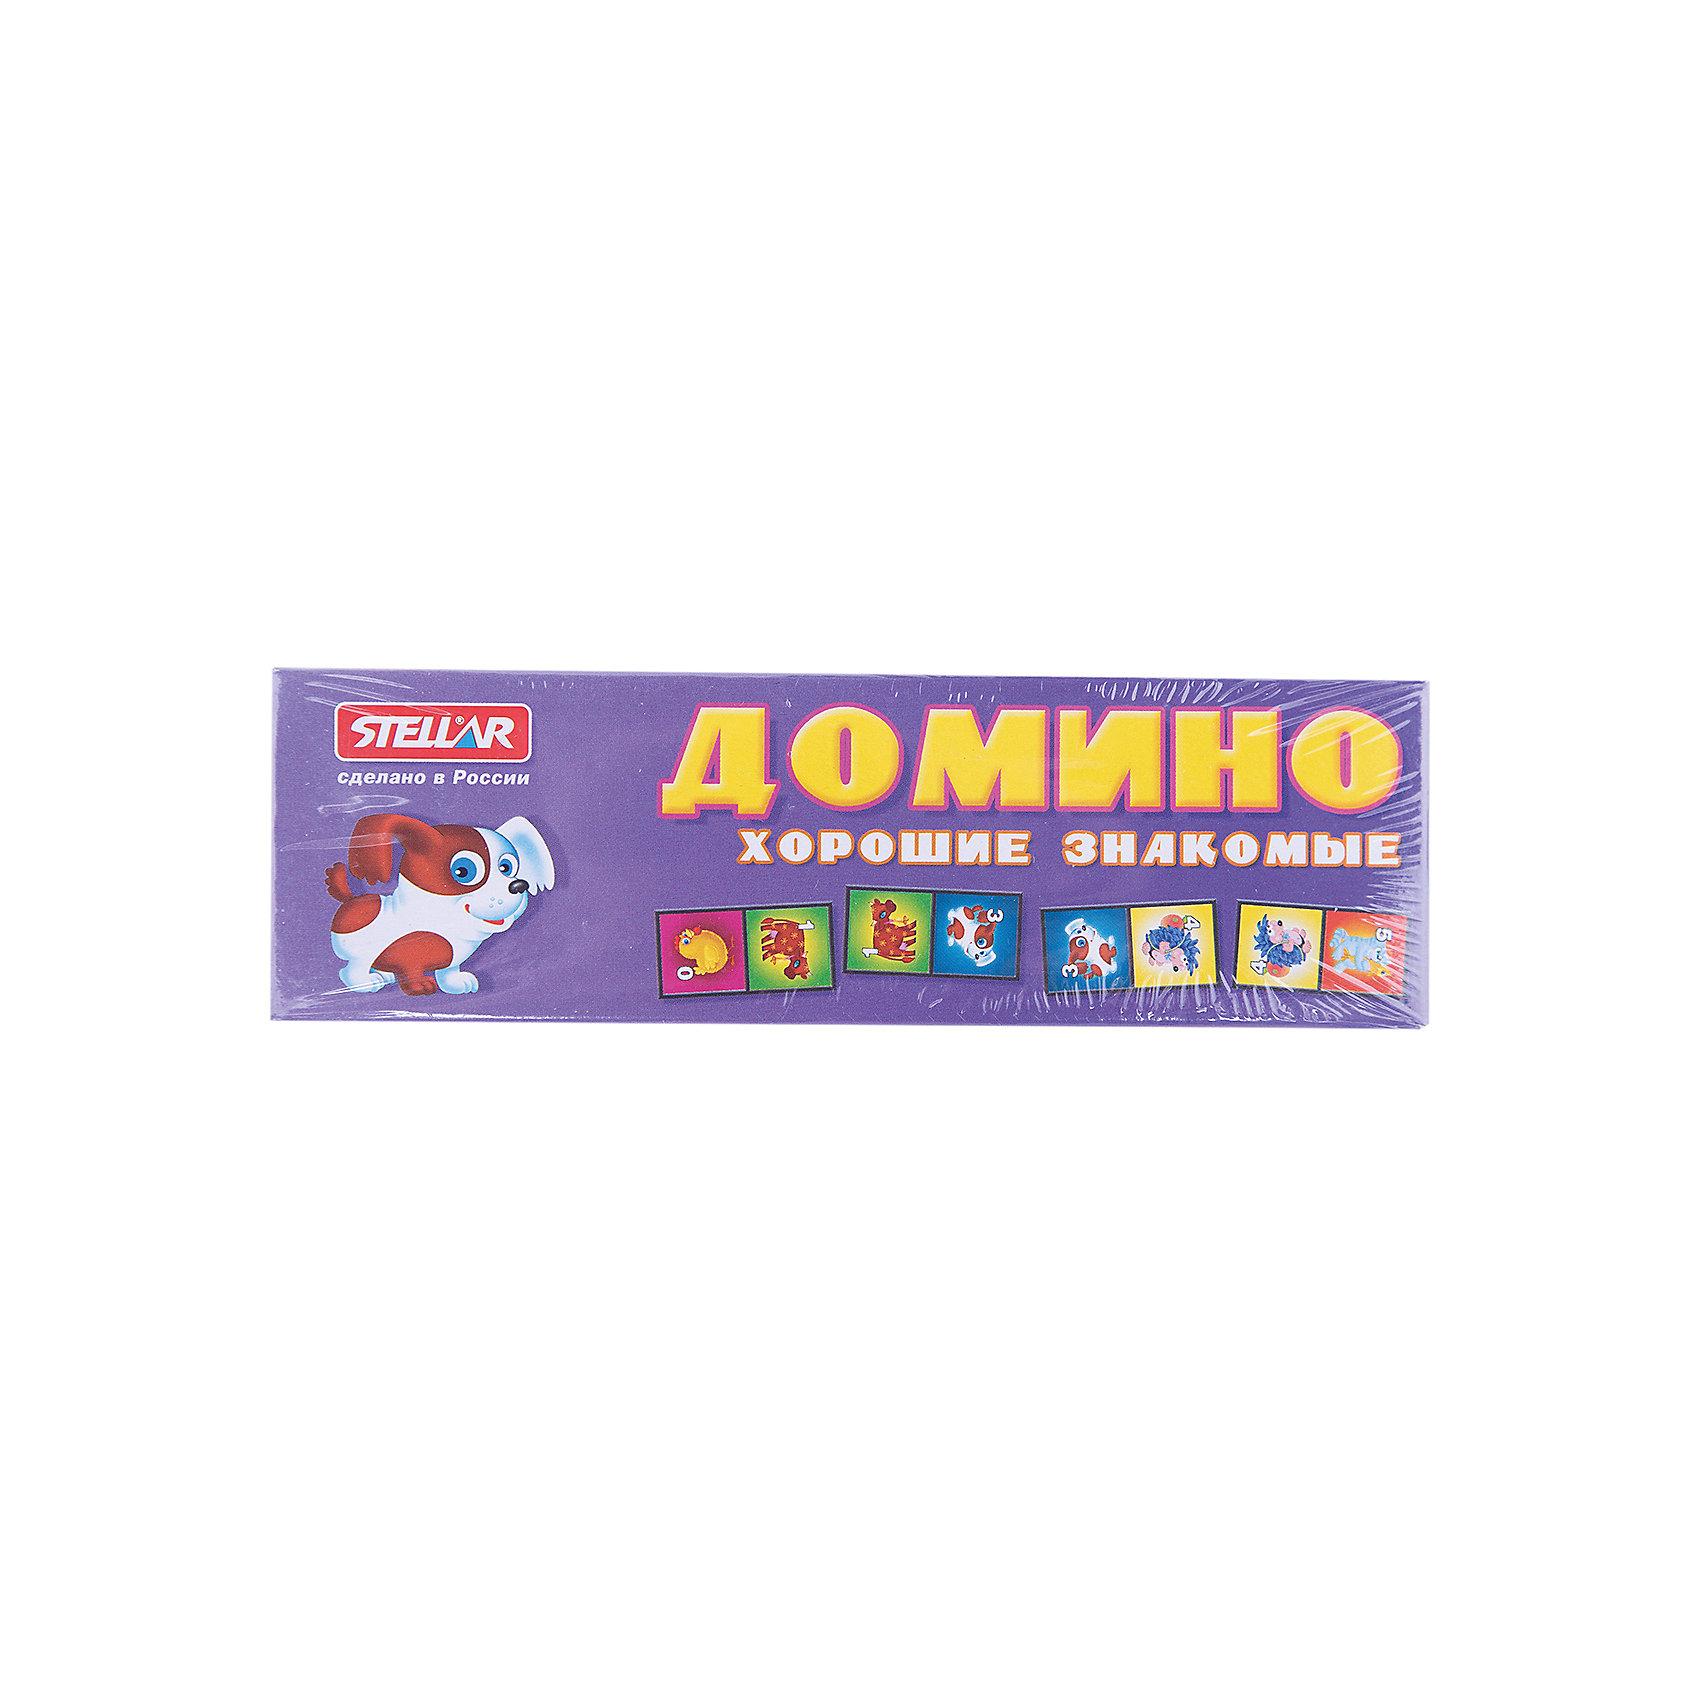 Домино Забавные животные, СтелларНастольные игры<br>Домино 5 Забавные животные, Стеллар (Stellar) — детский аналог традиционной игры Домино. Игра включает комплект пластиковых костяшек домино с изображением домашних животных и цифр от 0 до 6.<br><br>Игра в Домино развивает логическое мышление и ассоциативную память, тренирует внимание и сосредоточенность, совершенствует умение оценивать ситуацию, умение классифицировать предметы, сравнивать и находить соответствия.<br><br>Домино «Забавные животные» - прекрасный вариант для проведения семейного досуга!<br><br>Дополнительная информация:<br><br>- В комплекте: 28 фишек<br>- Материал: пластмасса, бумага<br>- Размер упаковки: 180 х 20 х 55 мм<br>- Вес: 80 г.<br><br>Домино 5 Забавные животные, Стеллар (Stellar) можно купить в нашем интернет-магазине.<br><br>Ширина мм: 180<br>Глубина мм: 20<br>Высота мм: 55<br>Вес г: 77<br>Возраст от месяцев: 36<br>Возраст до месяцев: 1188<br>Пол: Унисекс<br>Возраст: Детский<br>SKU: 2407033